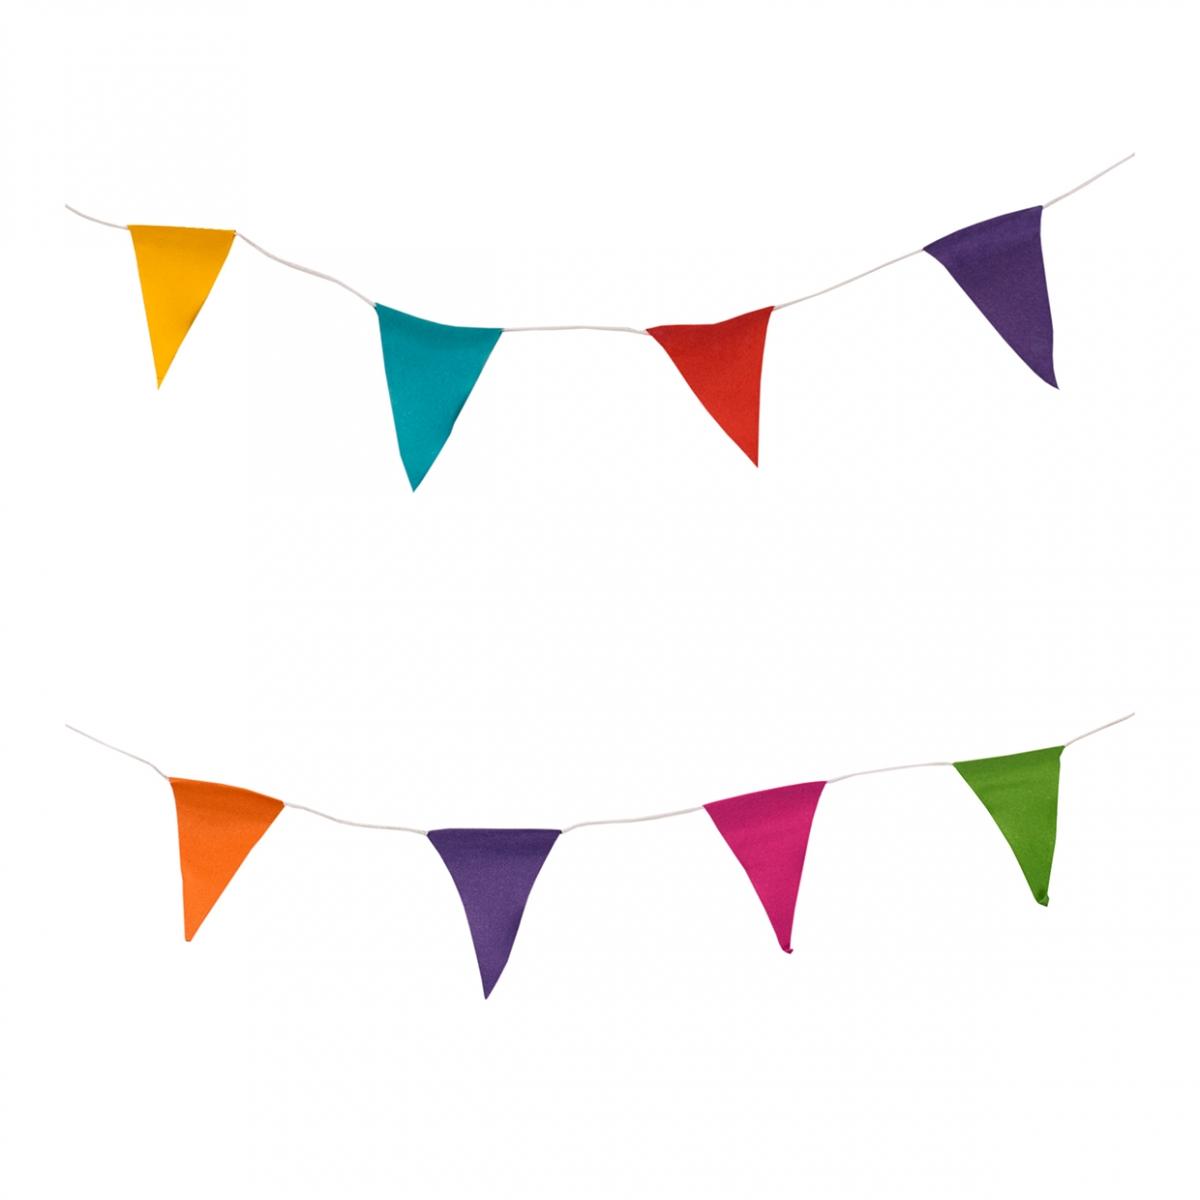 Imagen en la que se ven varios banderines